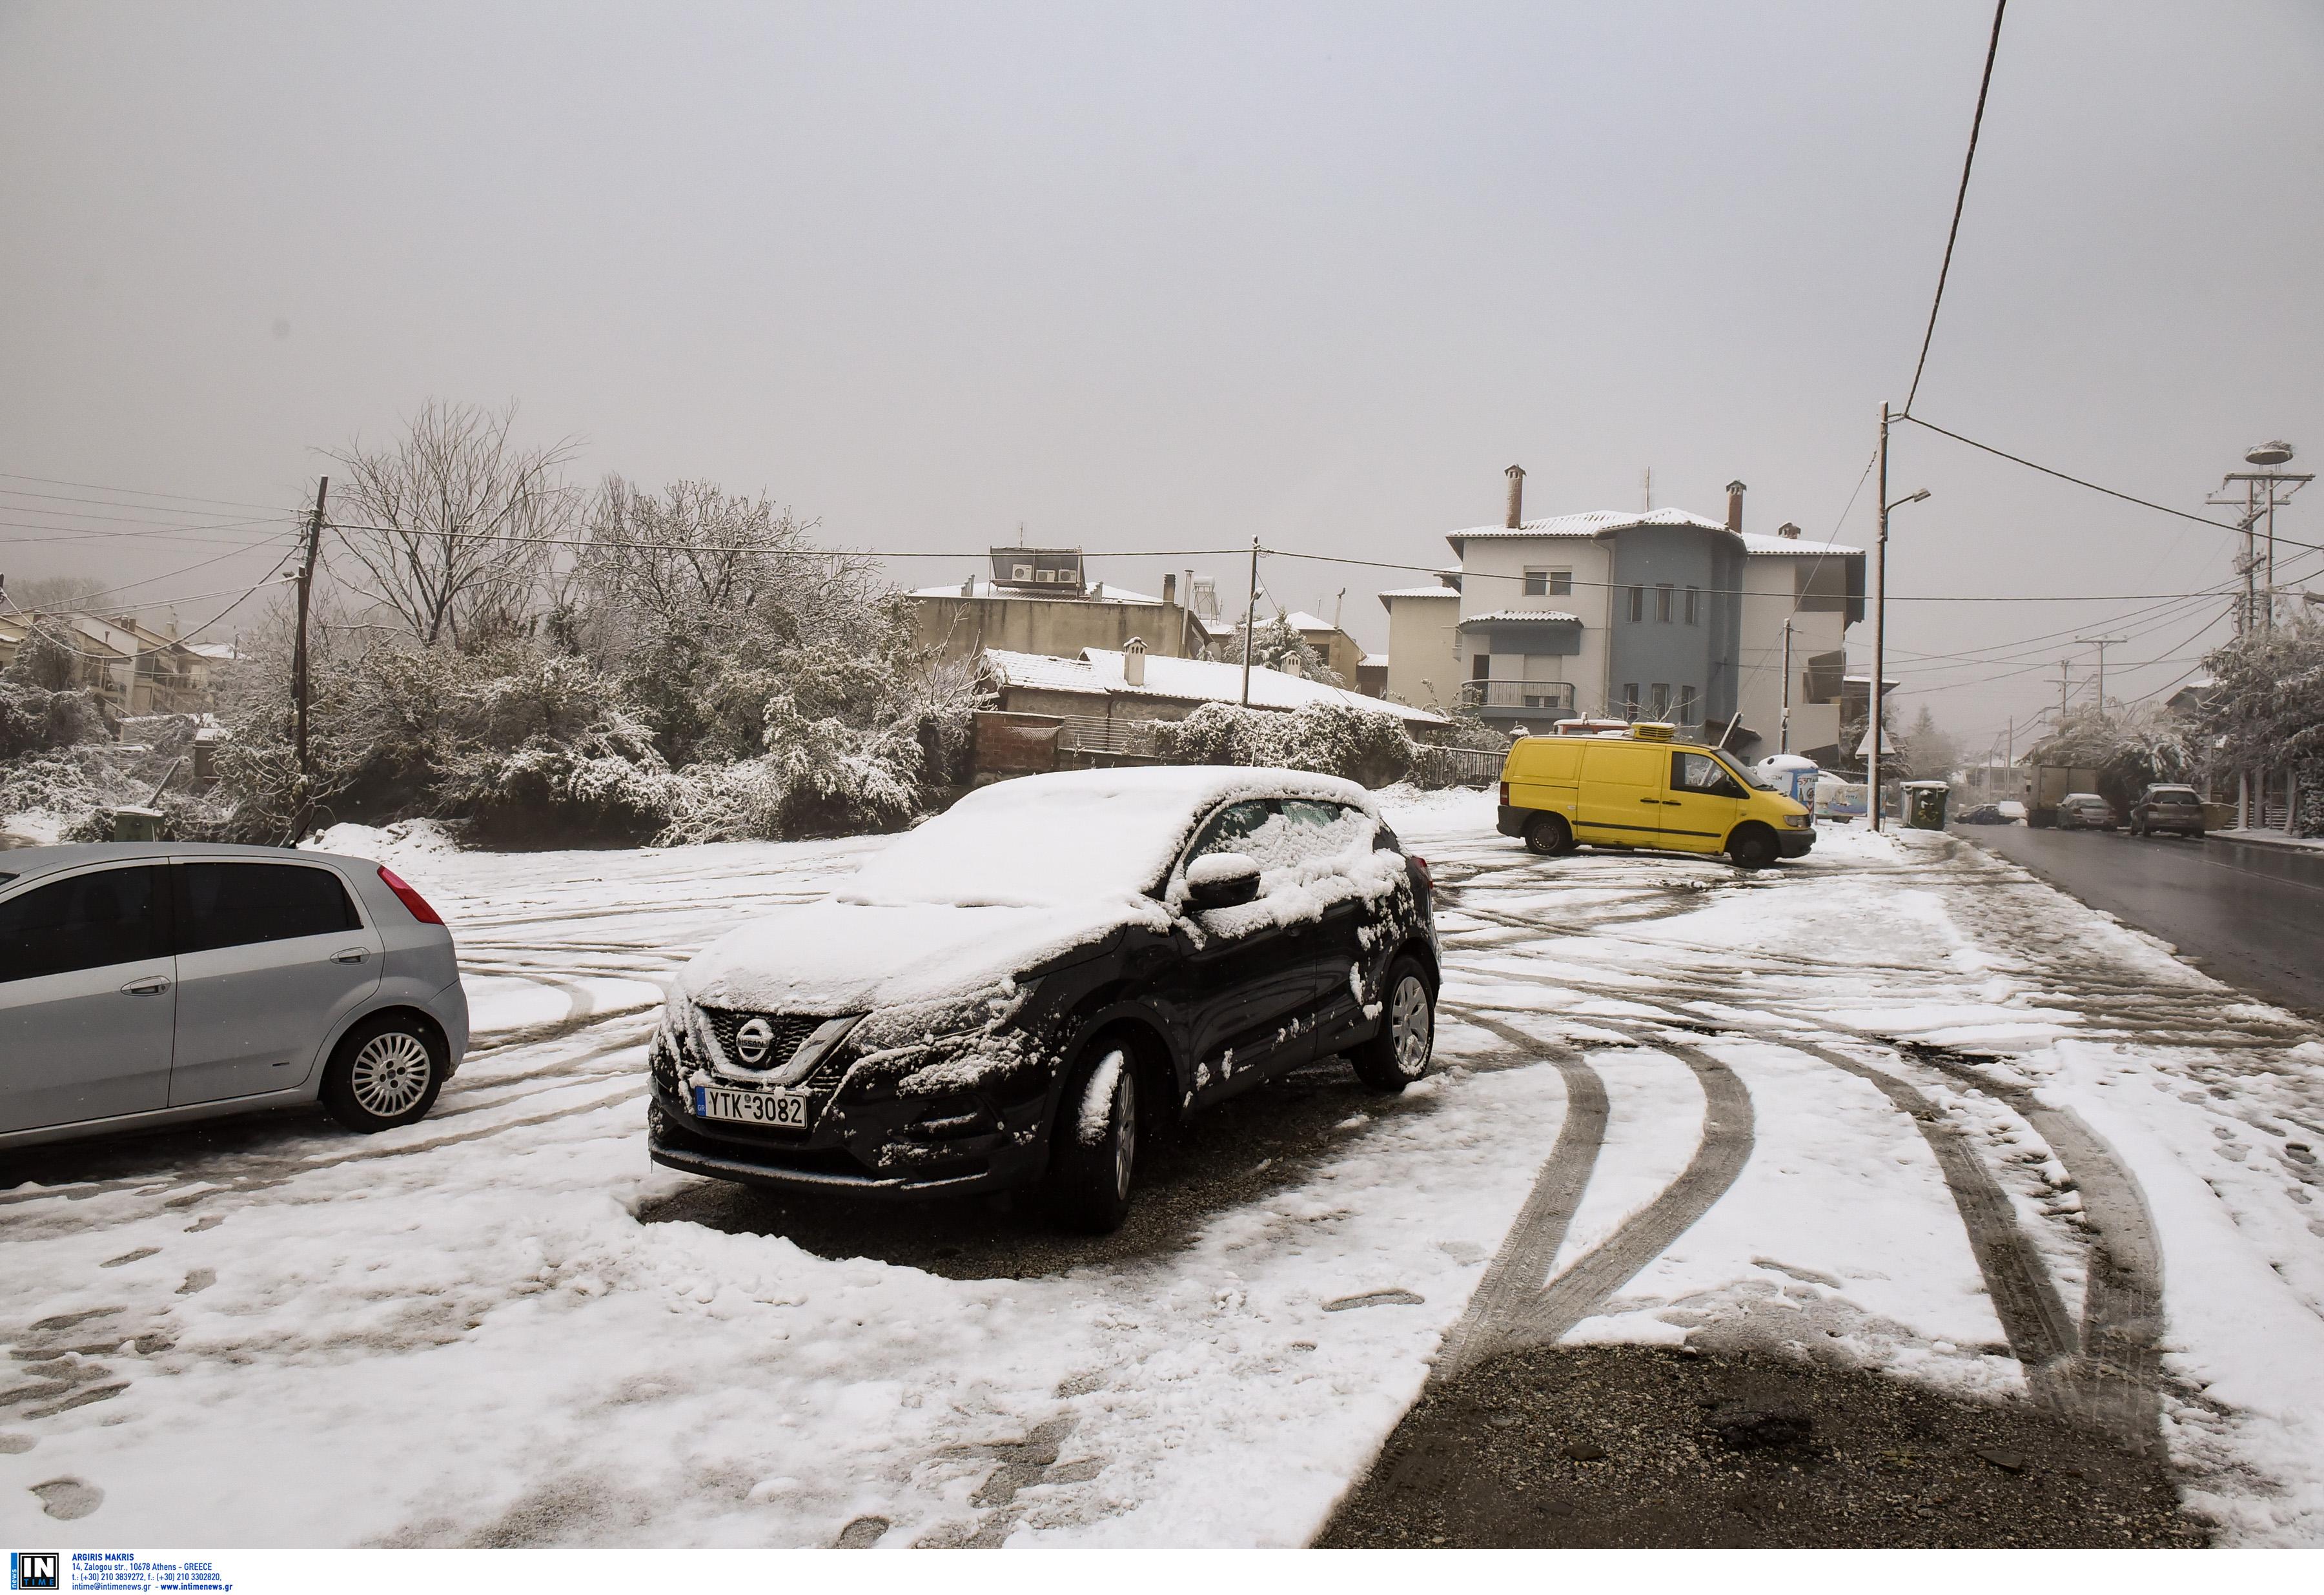 ΠΡΟΣΟΧΗ: Που χιονίζει τώρα, ποιοι δρόμοι είναι κλειστοί – Που θα χιονίσει τις επόμενες μέρες